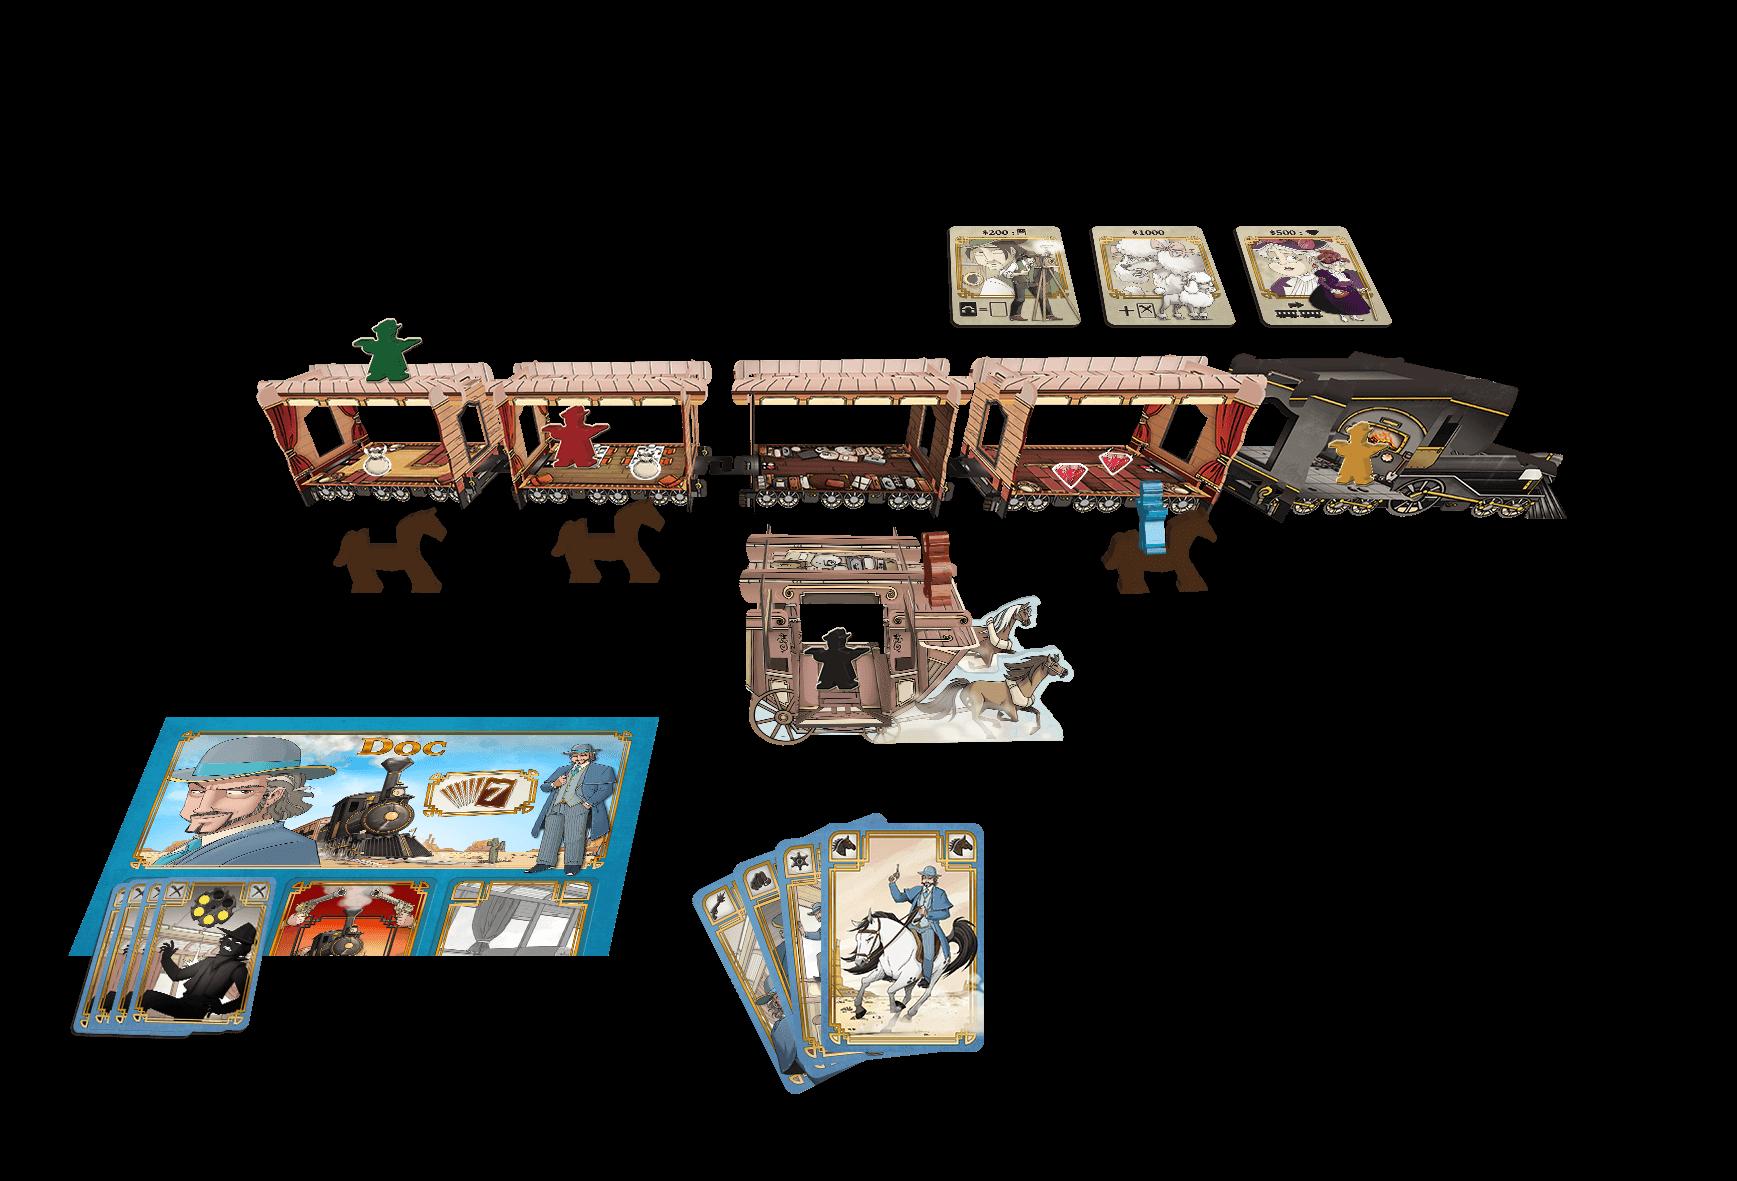 Spielmaterial - Zug mit Pferdekarten und Holzfiguren- Colt Express - Postkutsche und Pferde